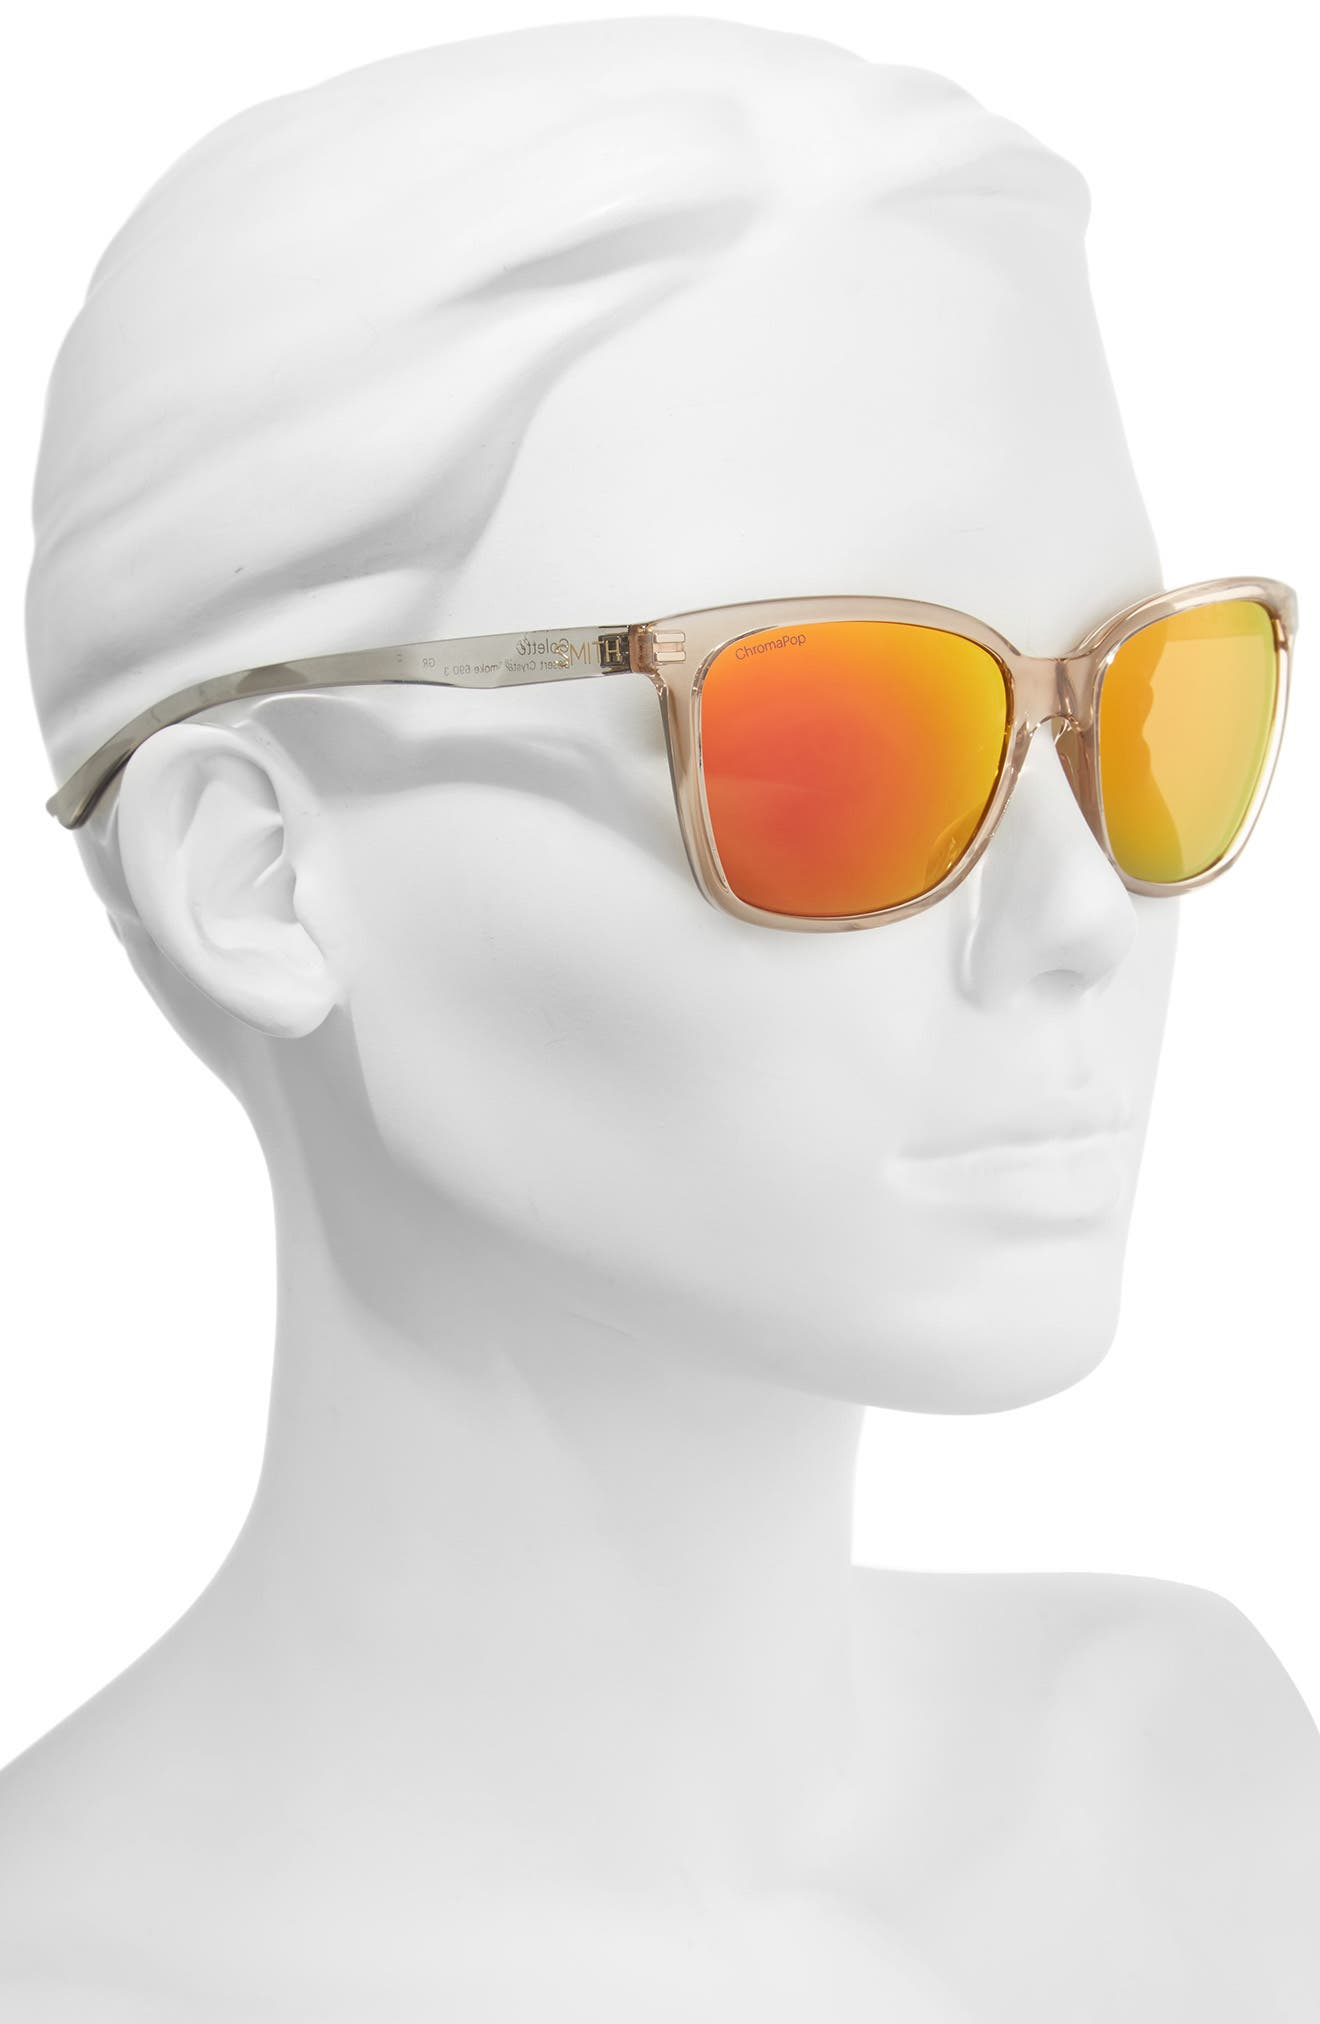 Colette Chromapop 55mm Polarized Mirrored Lens Sunglasses,                             Alternate thumbnail 2, color,                             Desert Crystal/ Smoke